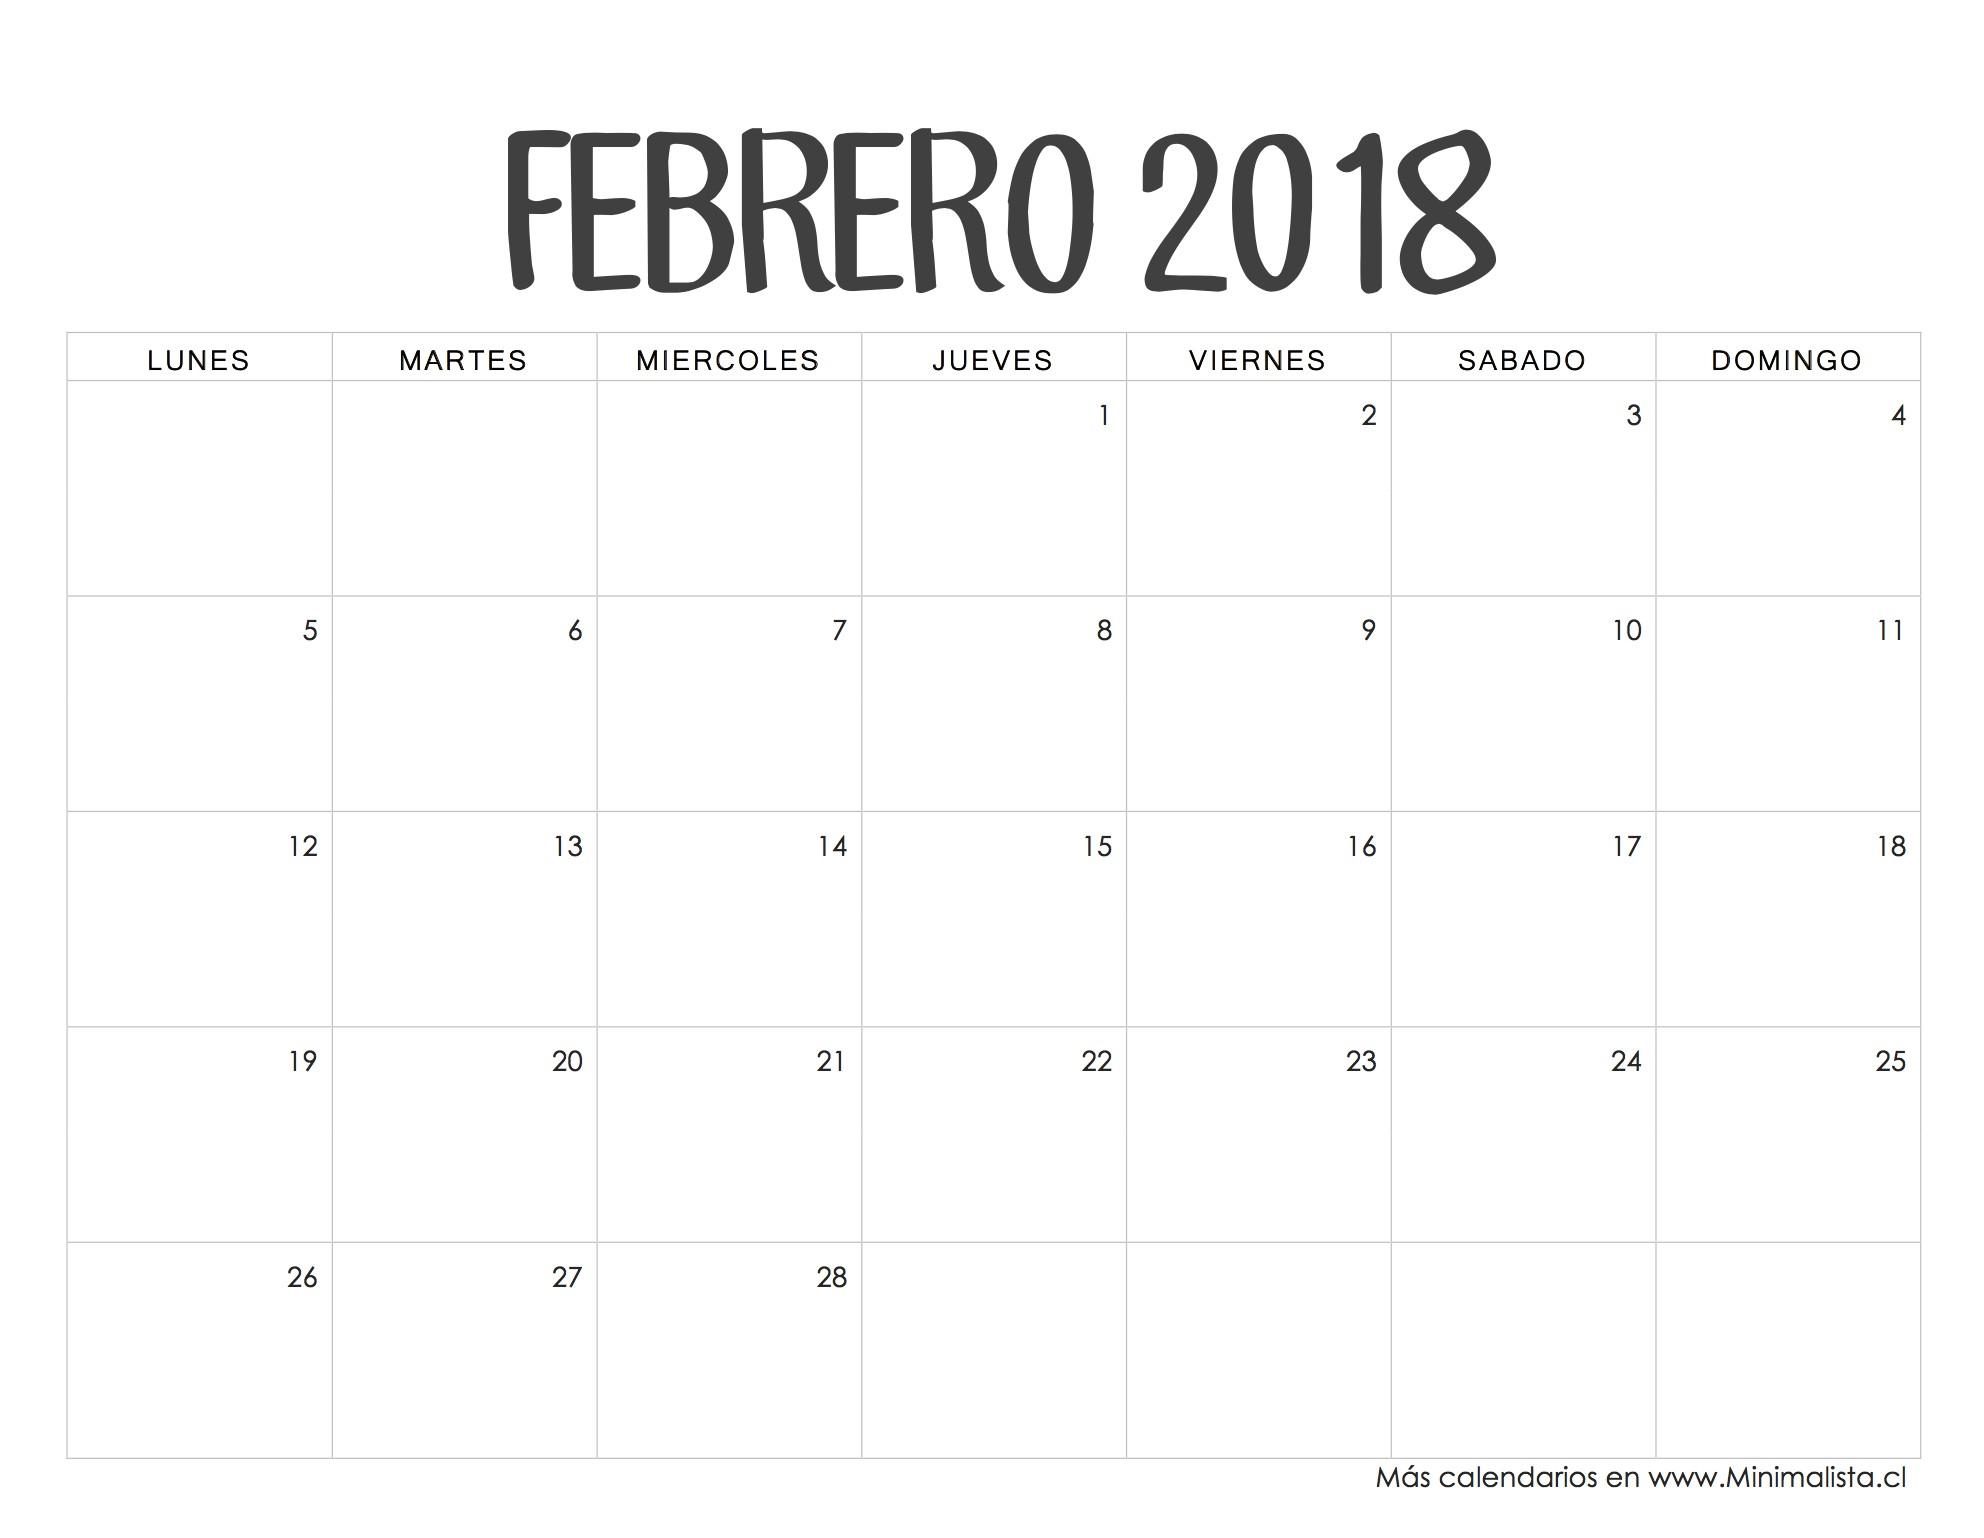 Calendario Septiembre 2019 Para Imprimir Mexico Más Actual Calendario Febrero 2018 Dise±os Pinterest Of Calendario Septiembre 2019 Para Imprimir Mexico Más Arriba-a-fecha Es Decir Calendario 2019 Para Imprimir Excel